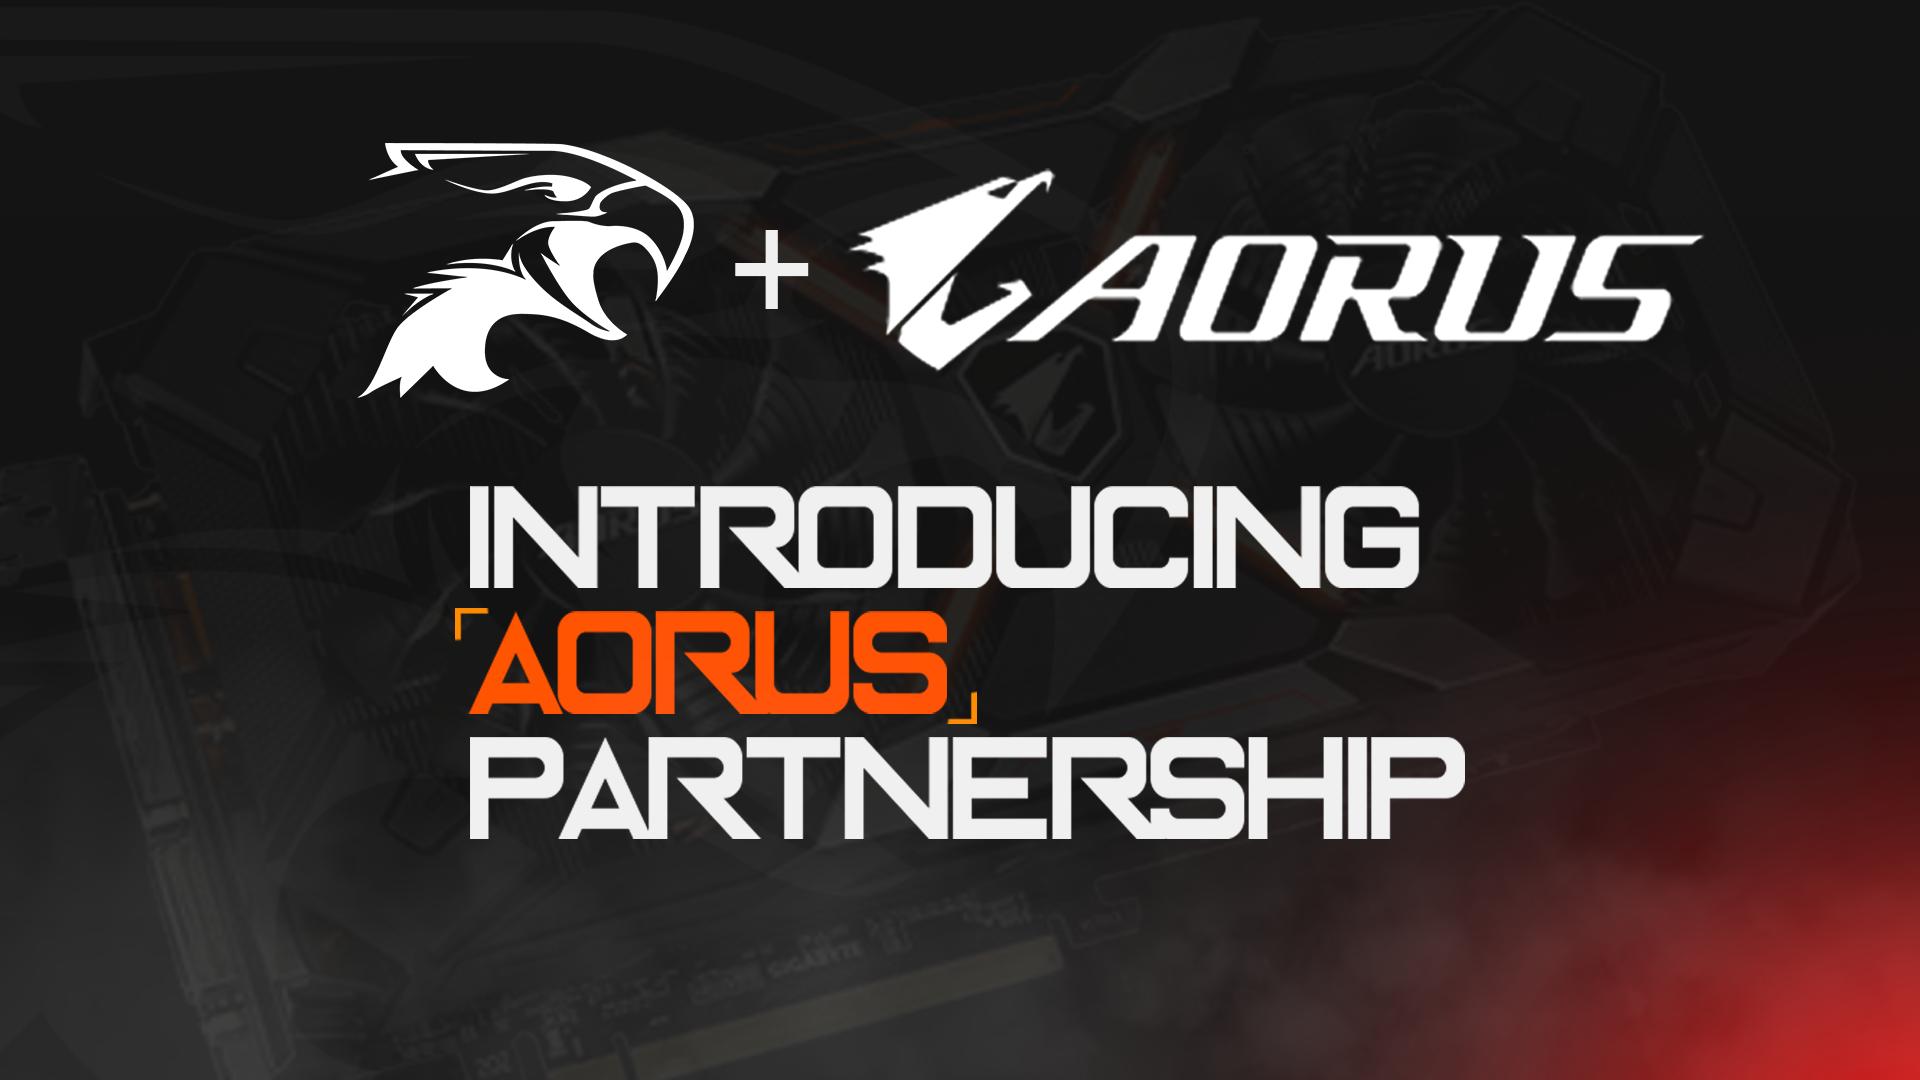 Dark Sided - Partnership with Aorus